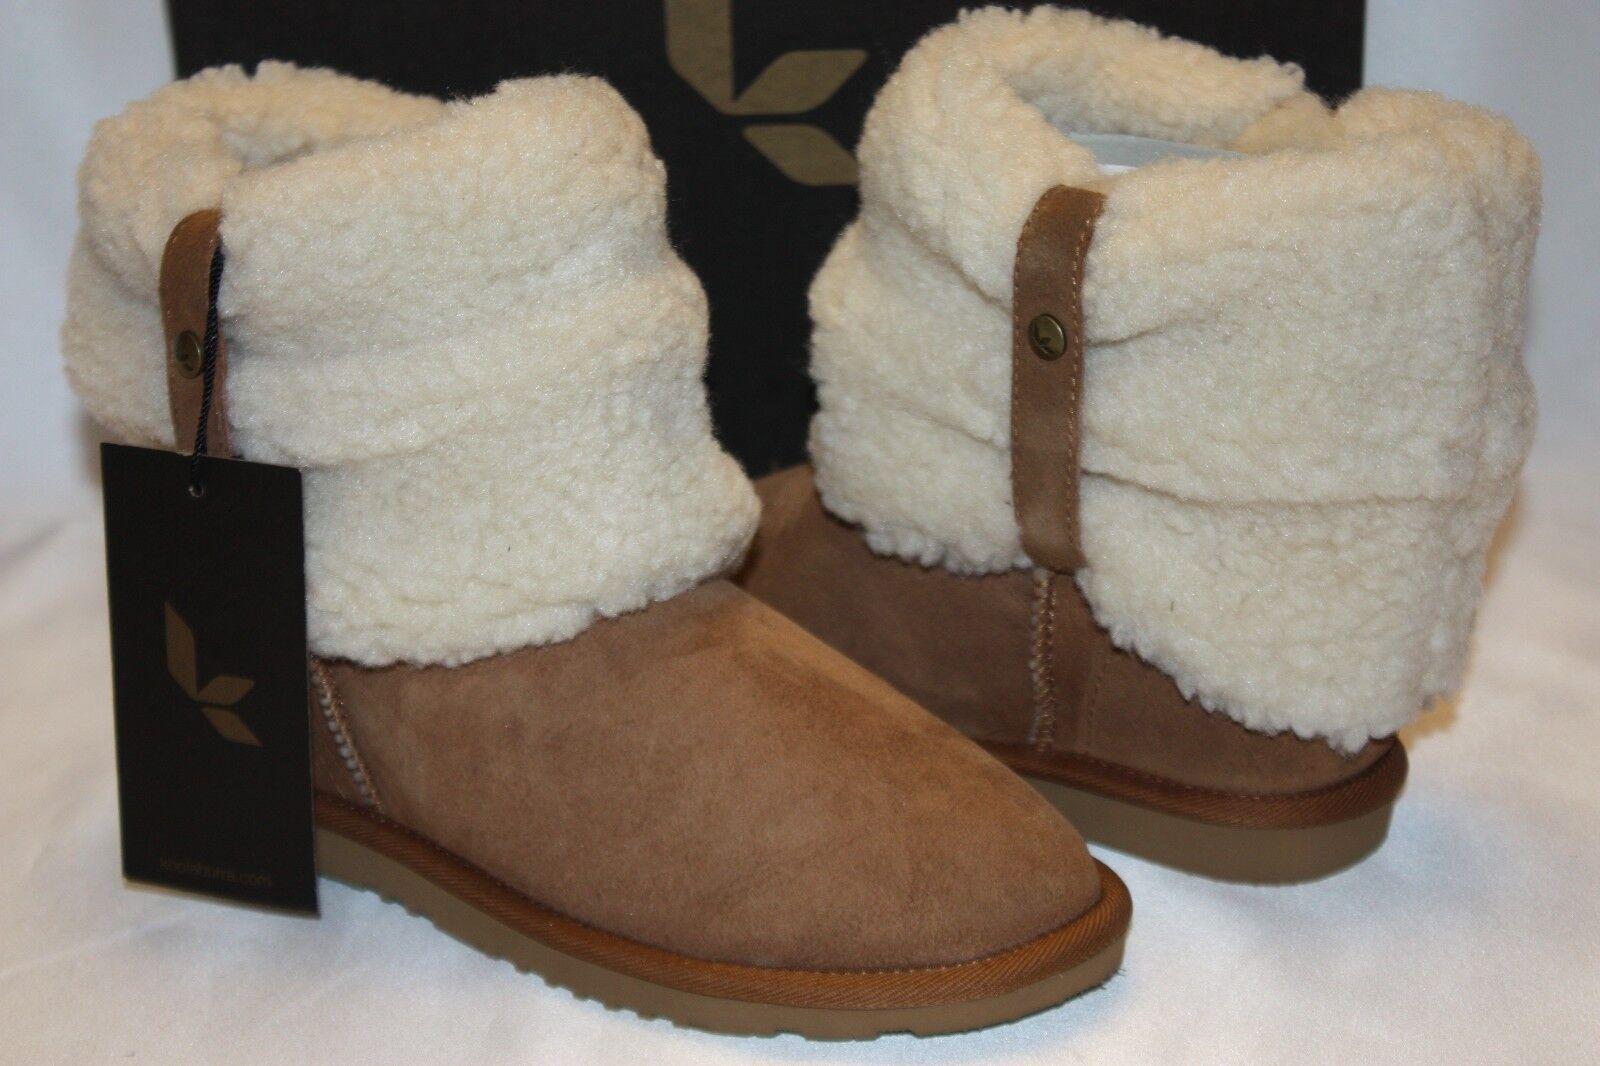 Nuevo En Caja  nuevo  KOOLABURRA Emilee Corto botas de piel de oveja Castaño Gamuza de Piel de Oveja 5